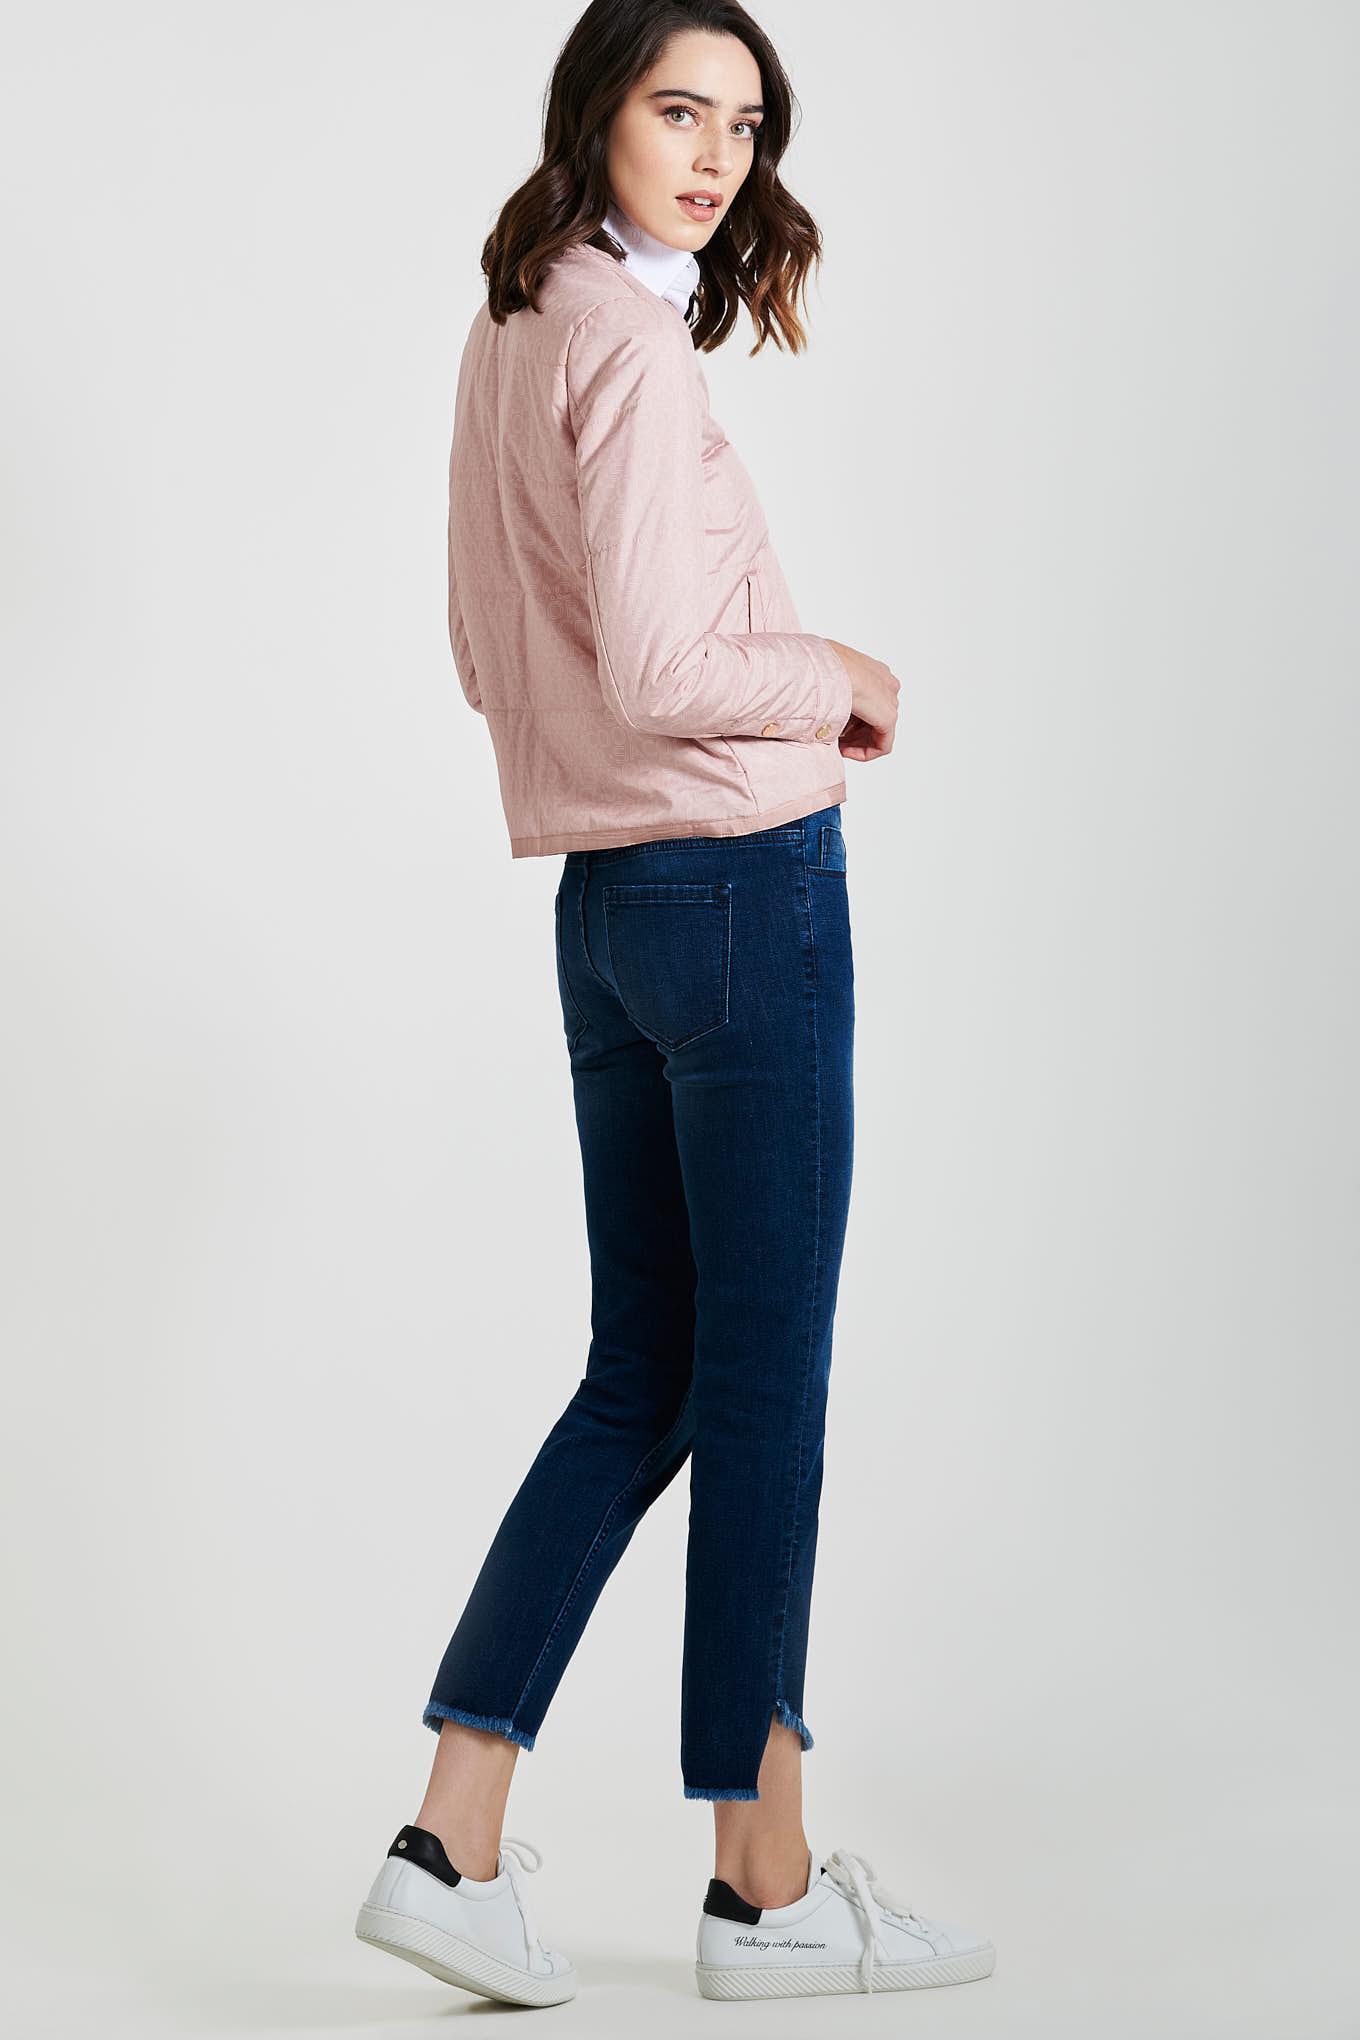 Blusão Rosa Claro Casual Mulher